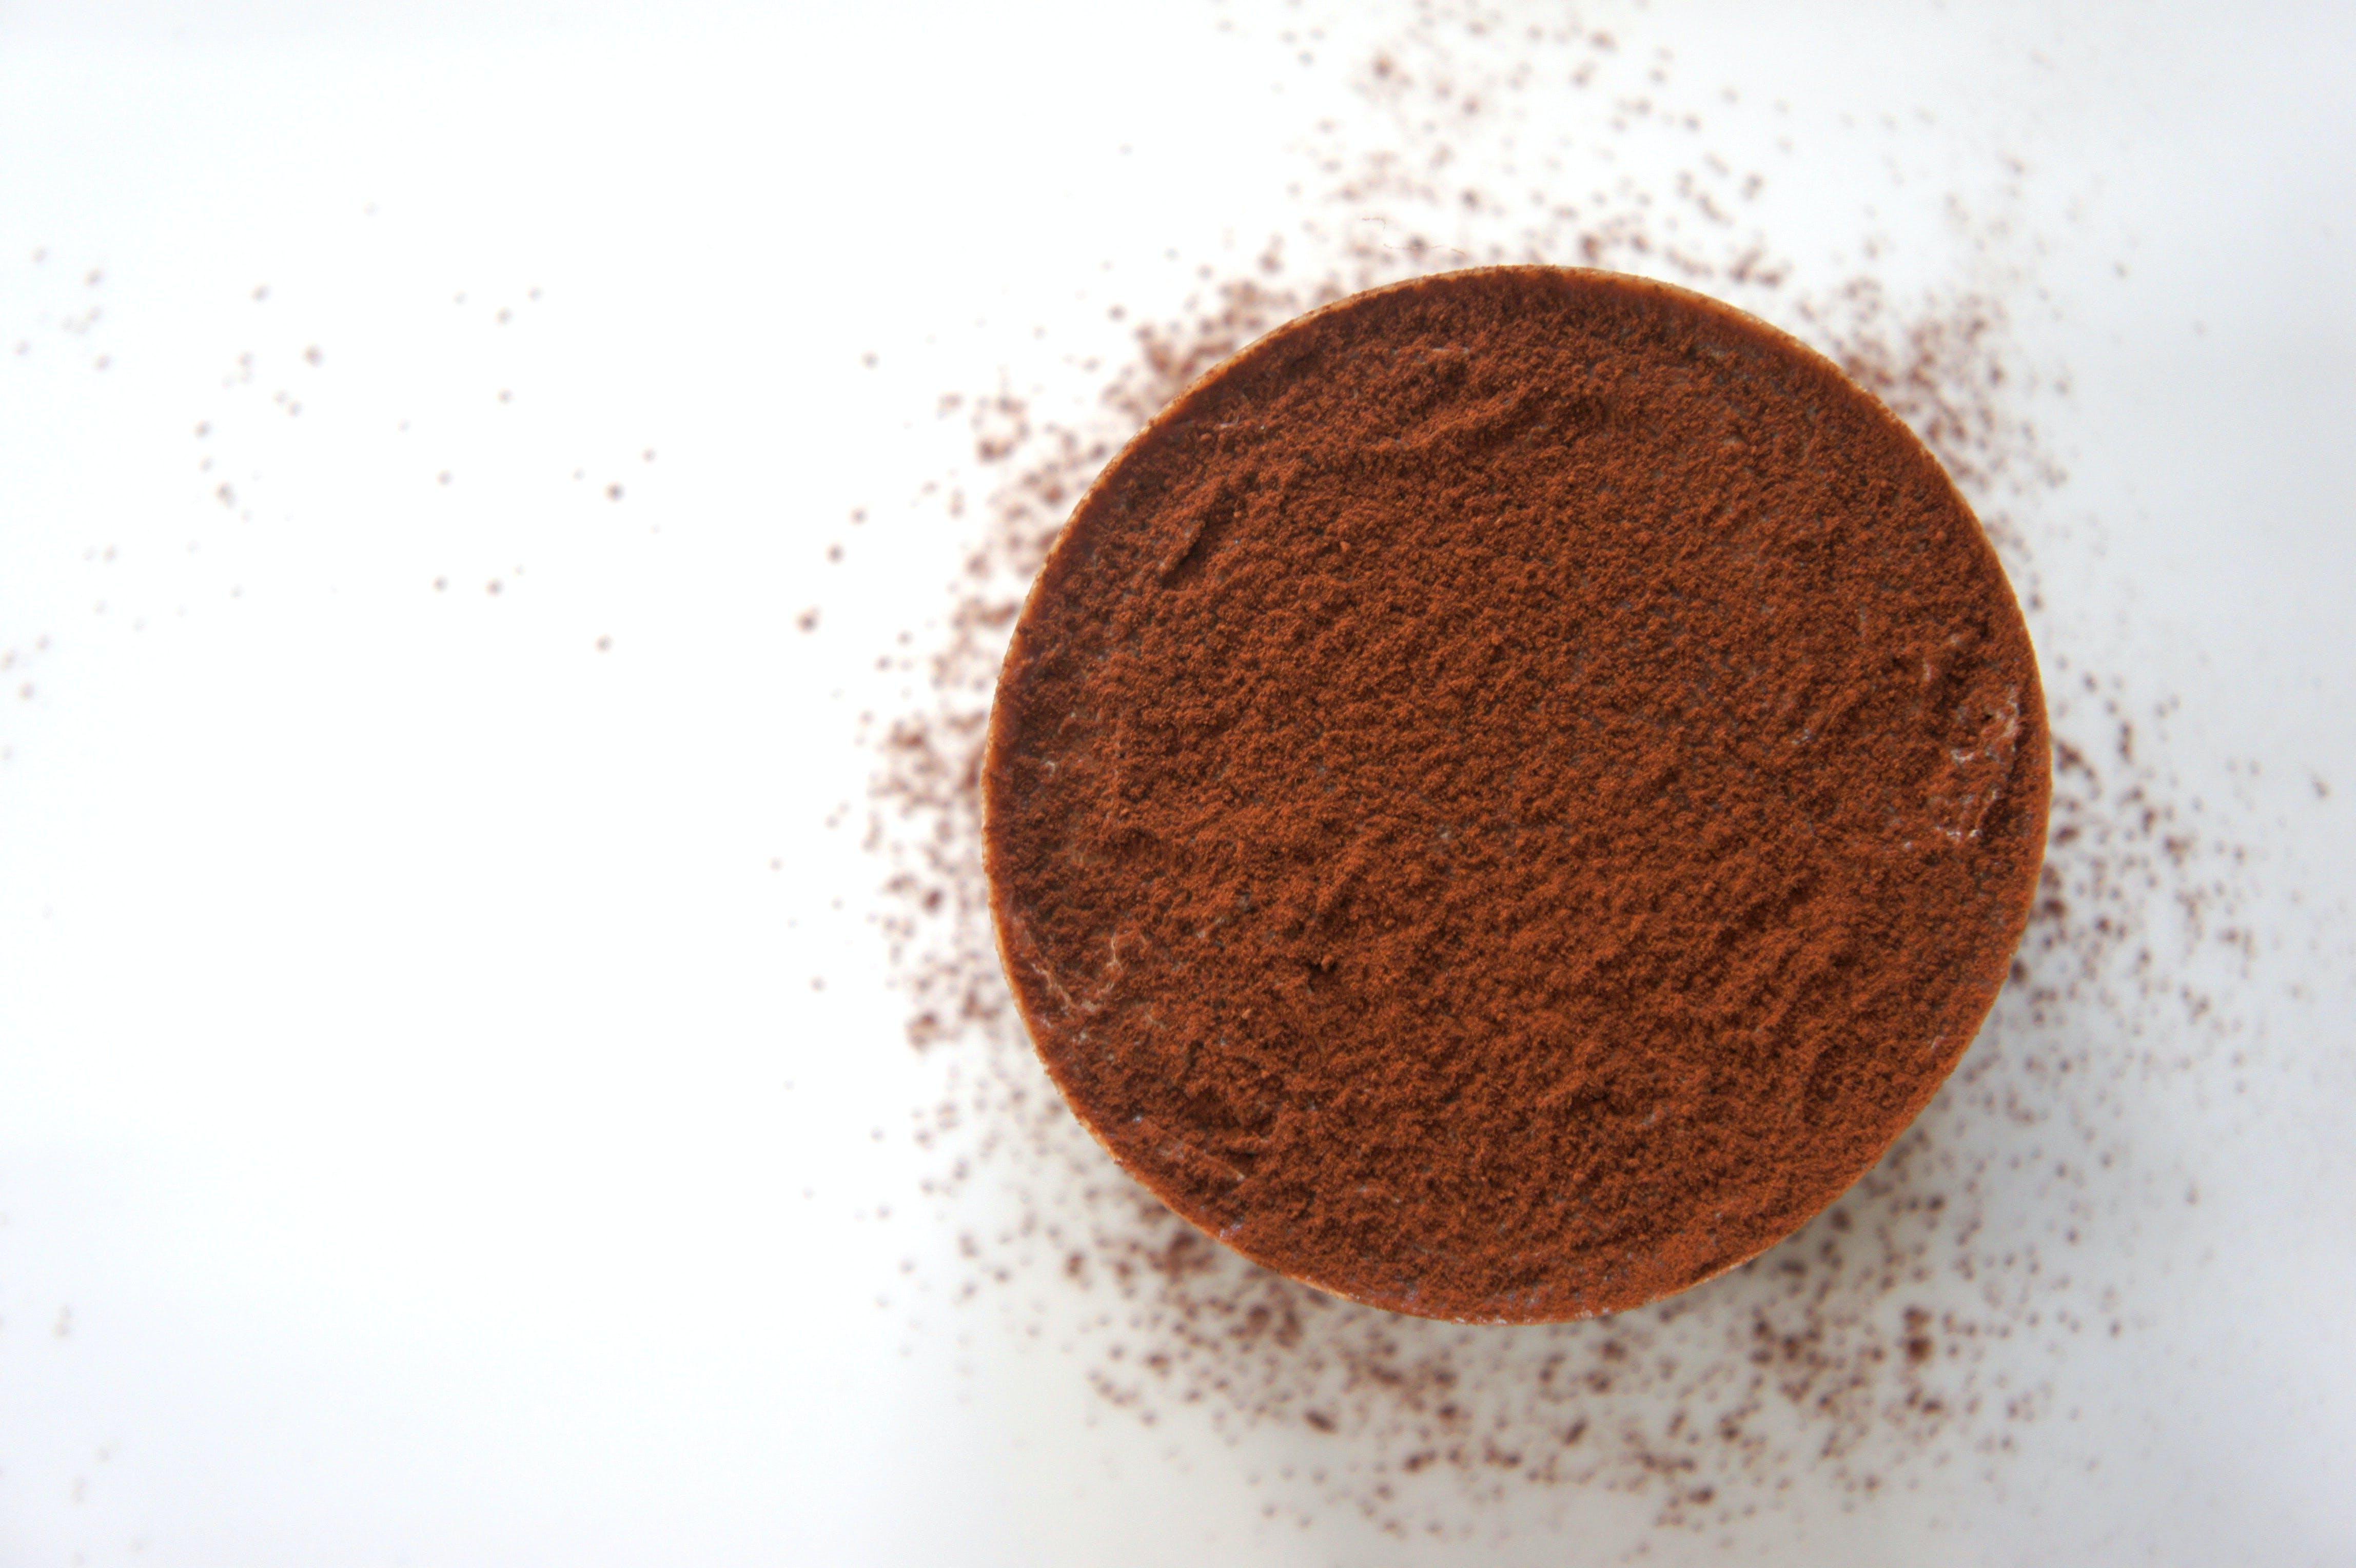 Fotos de stock gratuitas de alimentos crudos, bombón, cacao, comiendo sano